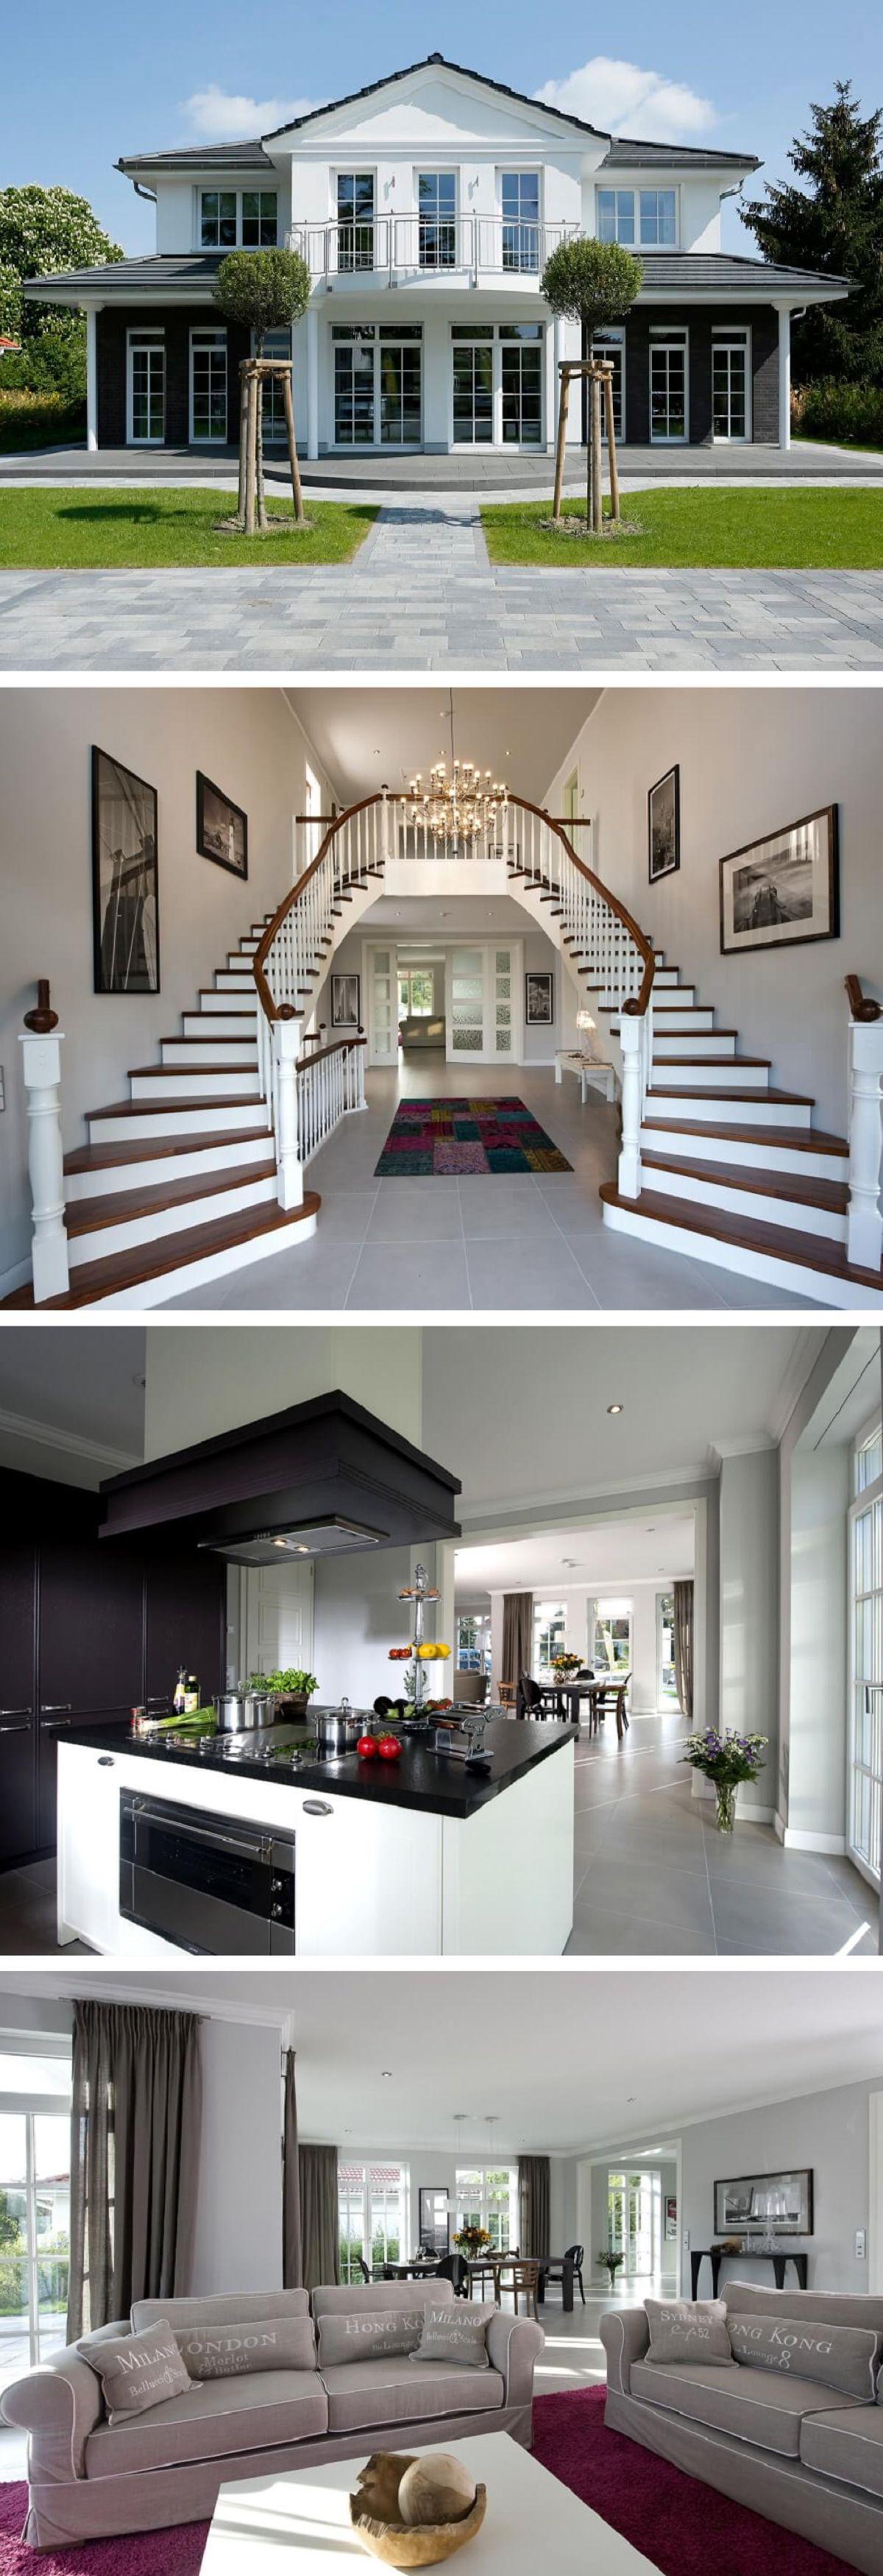 Stilvolle Luxus Villa im Landhausstil Treppenhaus repräsentativ